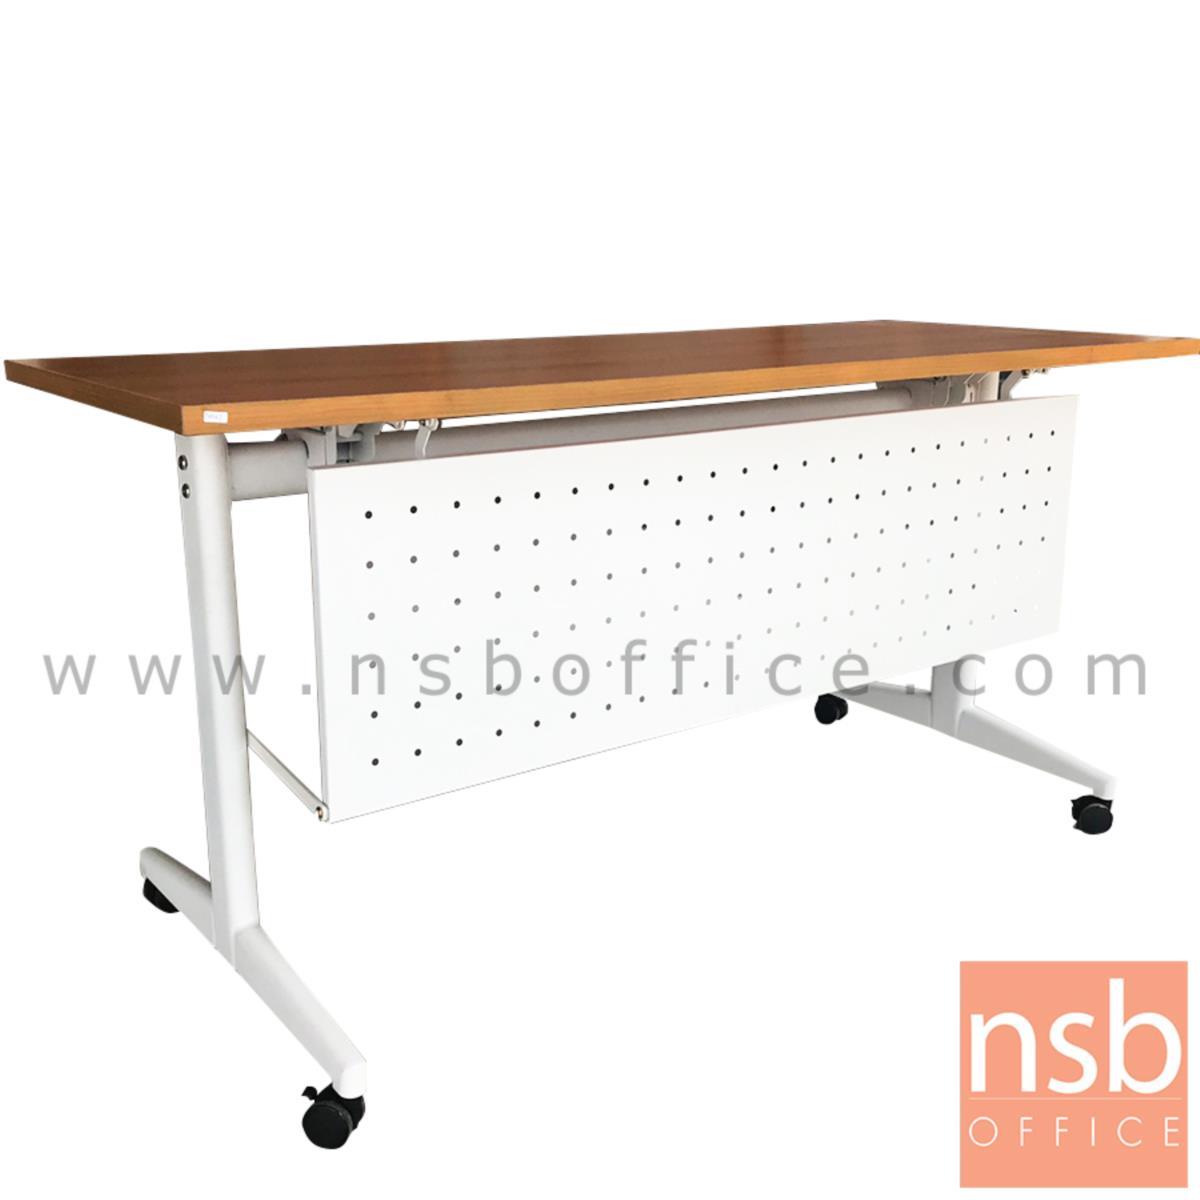 A10A079:โต๊ะประชุมพับเก็บได้ล้อเลื่อน รุ่น Weaving (วีฟวิง)  พร้อมบังตาเหล็ก ขาเหล็กพ่นขาว